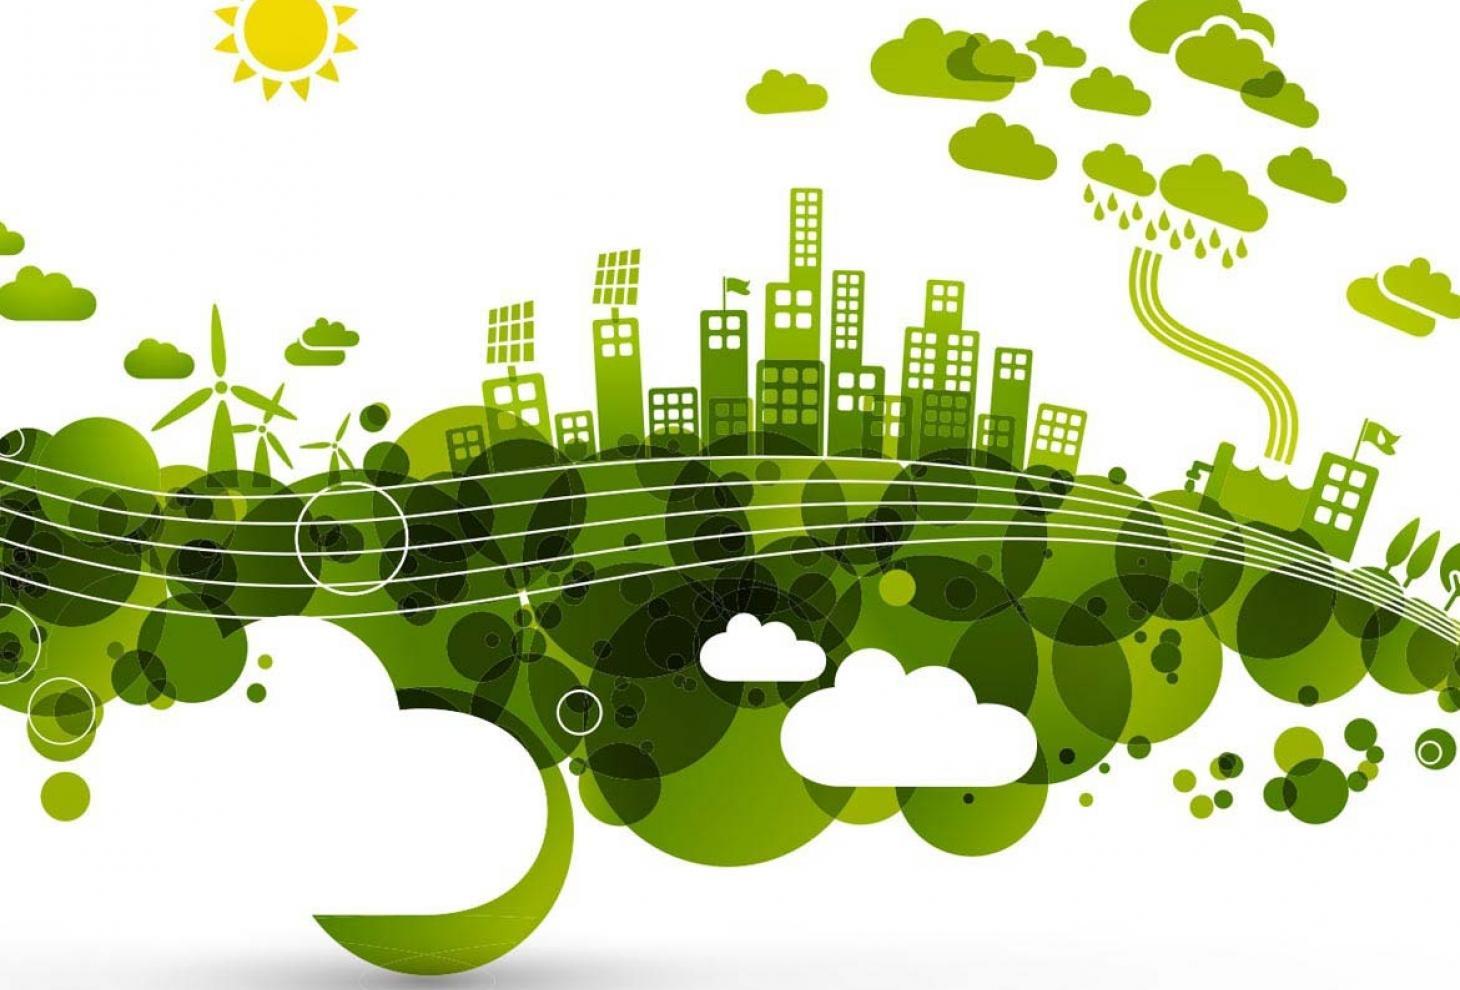 Disegno di una città verde